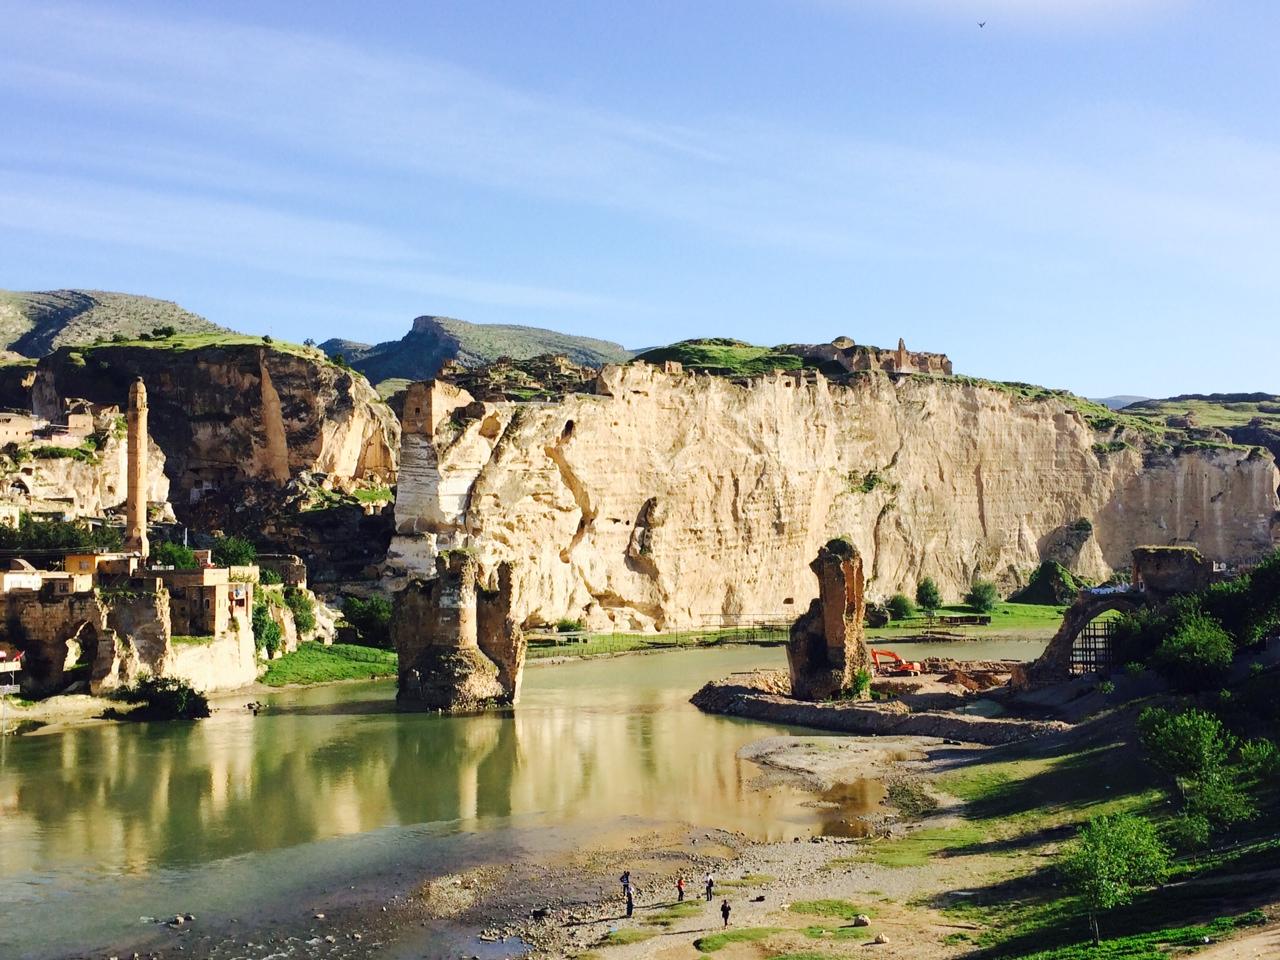 Tigris River - Mesopotamia